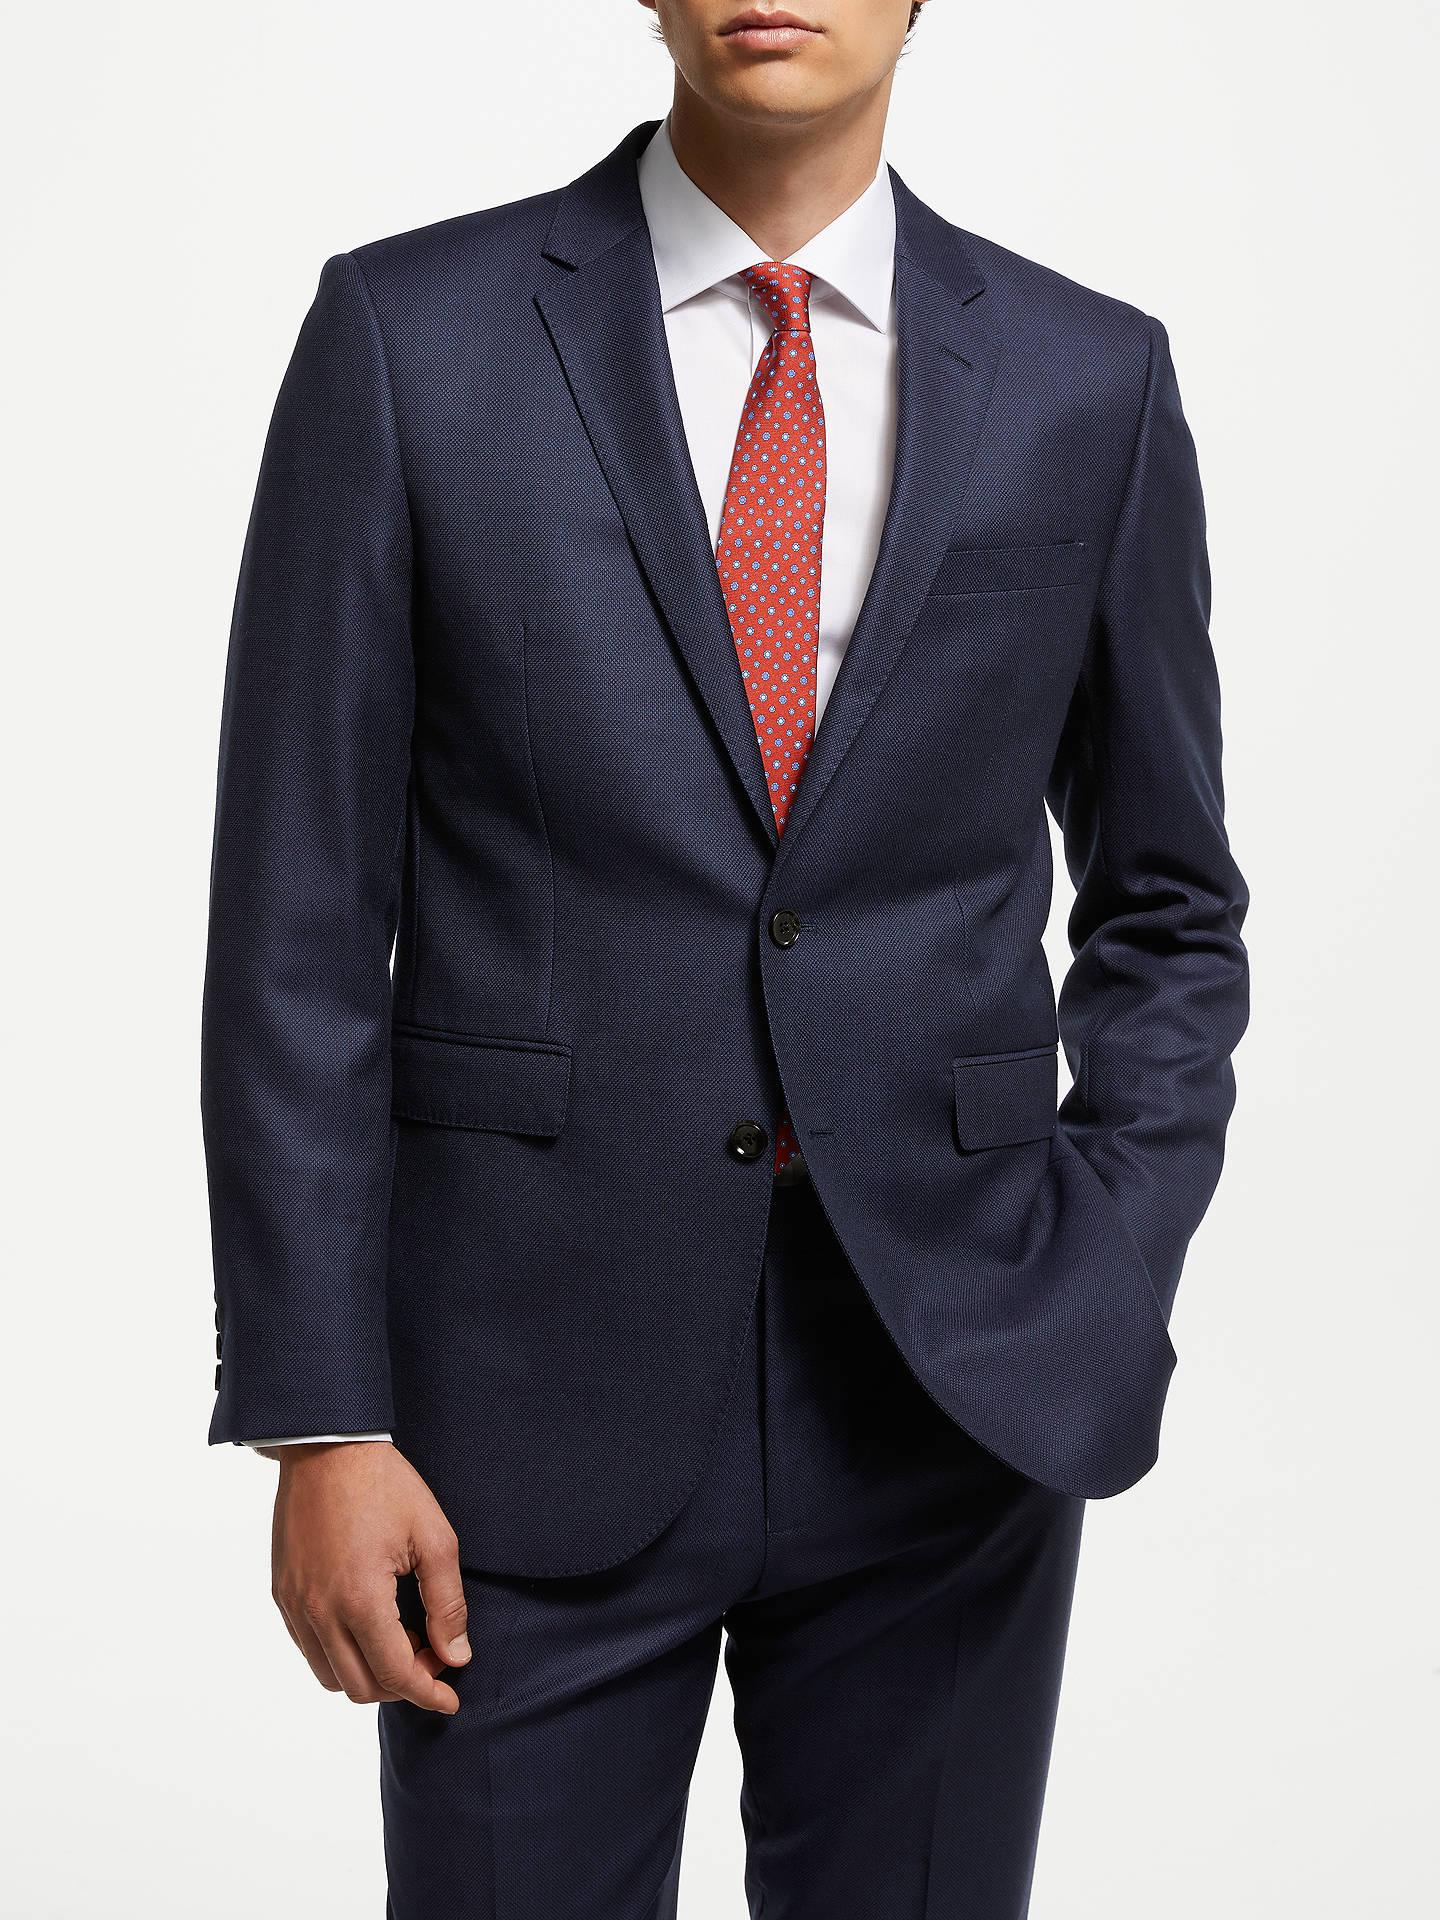 5a3081ce John Lewis & Partners Zegna Birdseye Suit Jacket, Navy